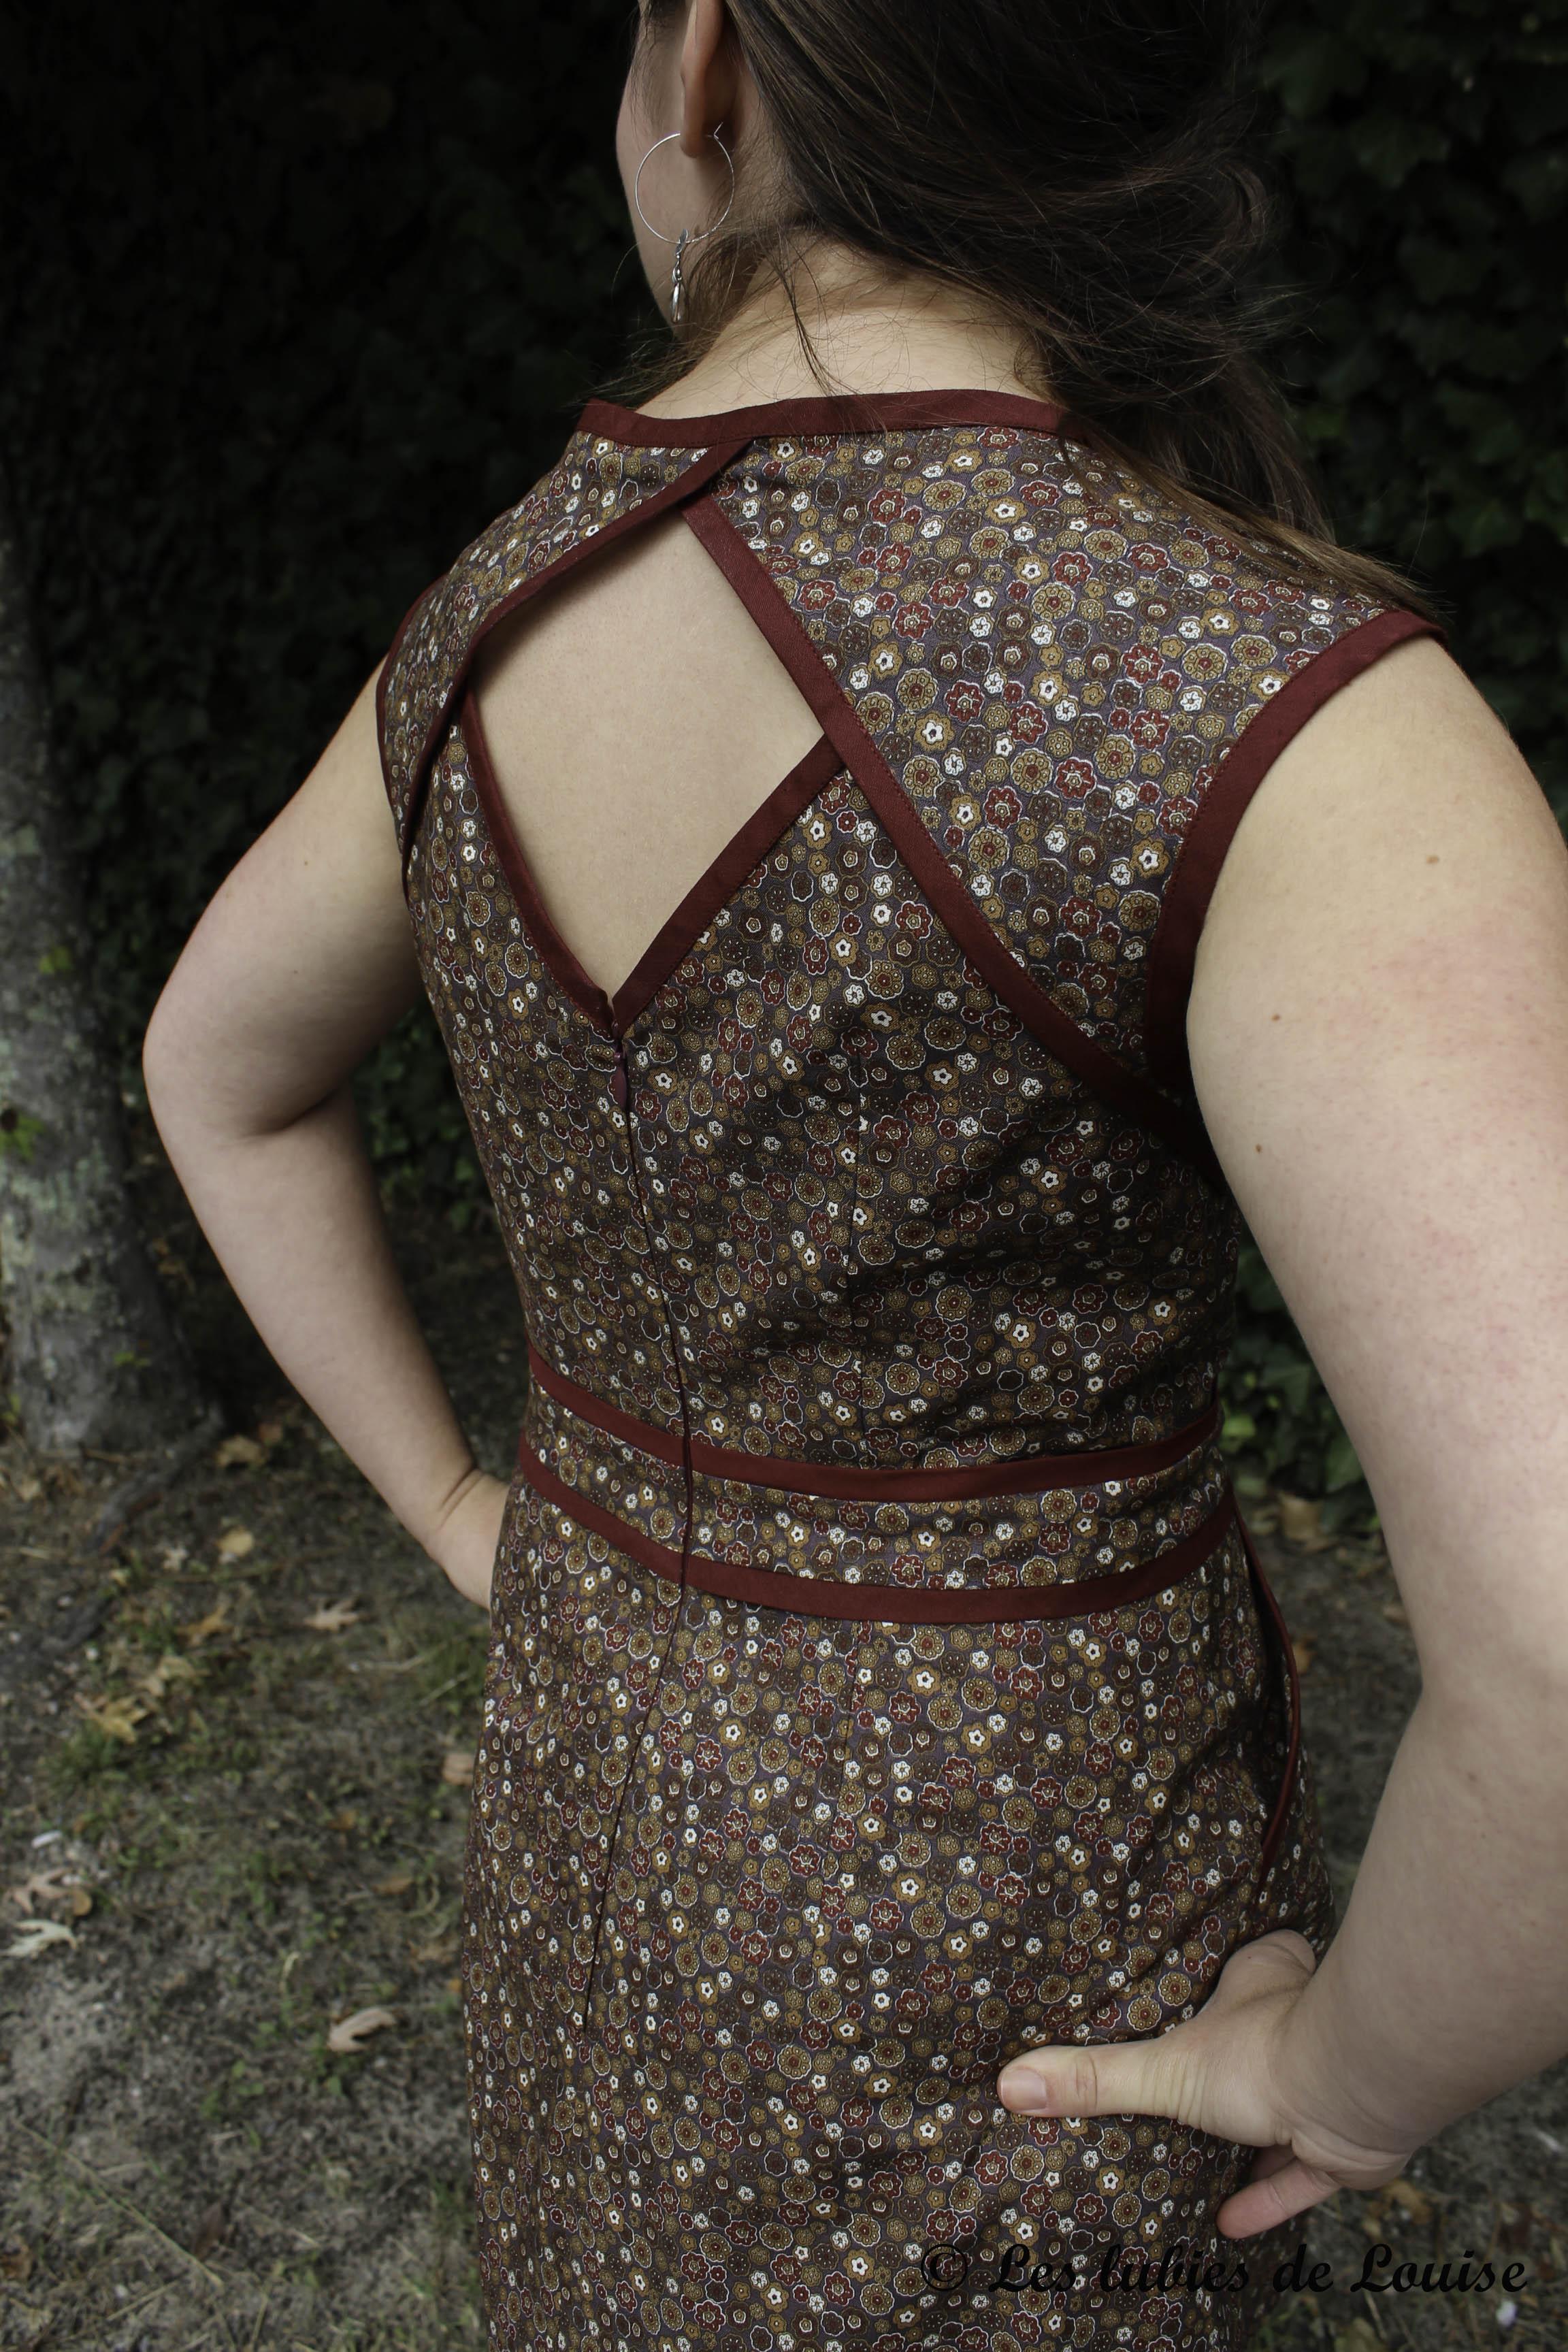 Belladone d'automne - Les lubies de Louise (6 sur 9)